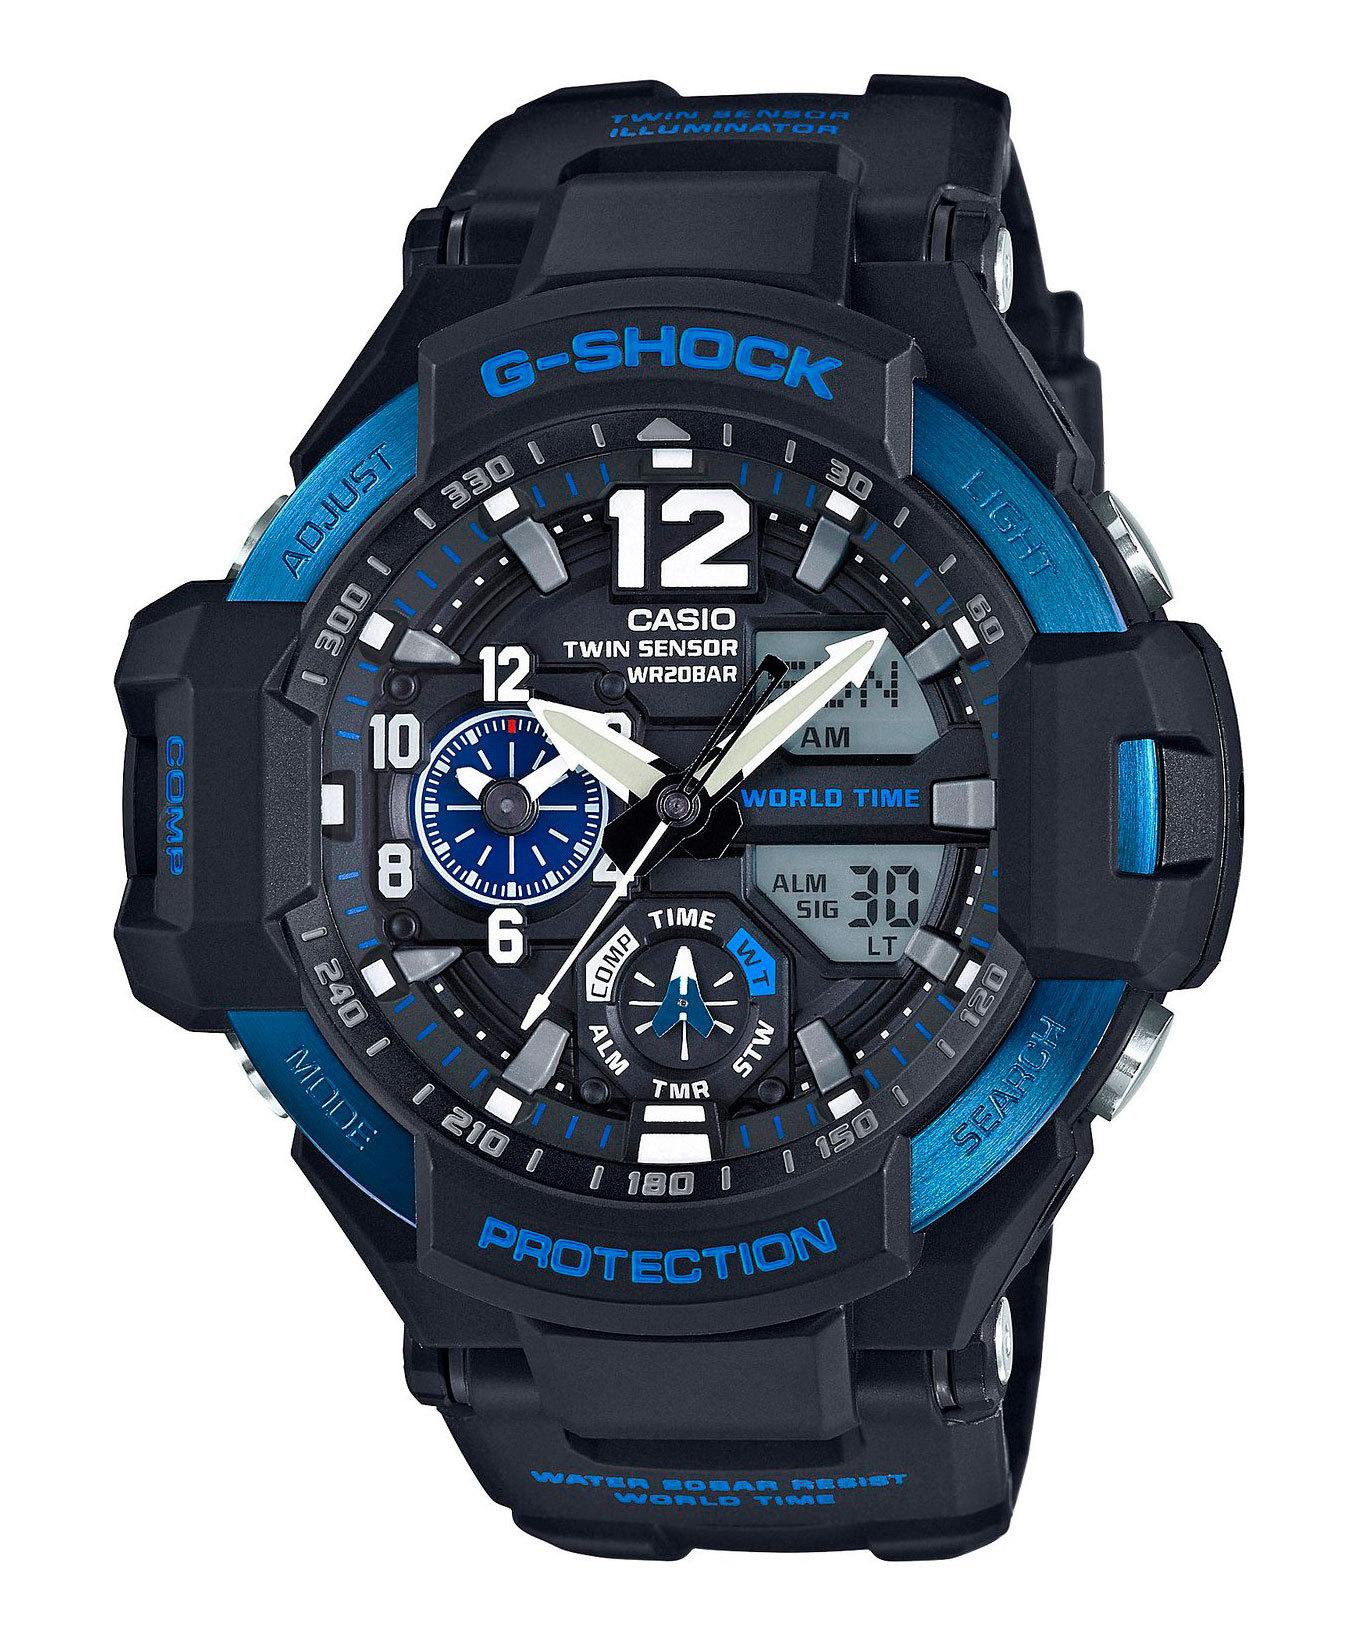 Casio G-SHOCK GA-1100-2B / GA-1100-2BER - мужские наручные часыCasio<br><br><br>Бренд: Casio<br>Модель: Casio GA-1100-2B<br>Артикул: GA-1100-2B<br>Вариант артикула: GA-1100-2BER<br>Коллекция: G-SHOCK<br>Подколлекция: None<br>Страна: Япония<br>Пол: мужские<br>Тип механизма: кварцевые<br>Механизм: None<br>Количество камней: None<br>Автоподзавод: None<br>Источник энергии: от батарейки<br>Срок службы элемента питания: None<br>Дисплей: стрелки + цифры<br>Цифры: арабские<br>Водозащита: WR 200<br>Противоударные: есть<br>Материал корпуса: нерж. сталь + пластик<br>Материал браслета: пластик<br>Материал безеля: None<br>Стекло: минеральное<br>Антибликовое покрытие: None<br>Цвет корпуса: None<br>Цвет браслета: None<br>Цвет циферблата: None<br>Цвет безеля: None<br>Размеры: None<br>Диаметр: None<br>Диаметр корпуса: None<br>Толщина: None<br>Ширина ремешка: None<br>Вес: 85 г<br>Спорт-функции: секундомер, таймер обратного отсчета, термометр, компас<br>Подсветка: дисплея, стрелок<br>Вставка: None<br>Отображение даты: вечный календарь, число, месяц, день недели<br>Хронограф: None<br>Таймер: None<br>Термометр: None<br>Хронометр: None<br>GPS: None<br>Радиосинхронизация: None<br>Барометр: None<br>Скелетон: None<br>Дополнительная информация: функция перемещения стрелок, ежечасный сигнал, функция включения/отключения звука кнопок, элемент питания SR927W ? 2, срок службы батарейки 2 года<br>Дополнительные функции: второй часовой пояс, будильник (количество установок: 5)